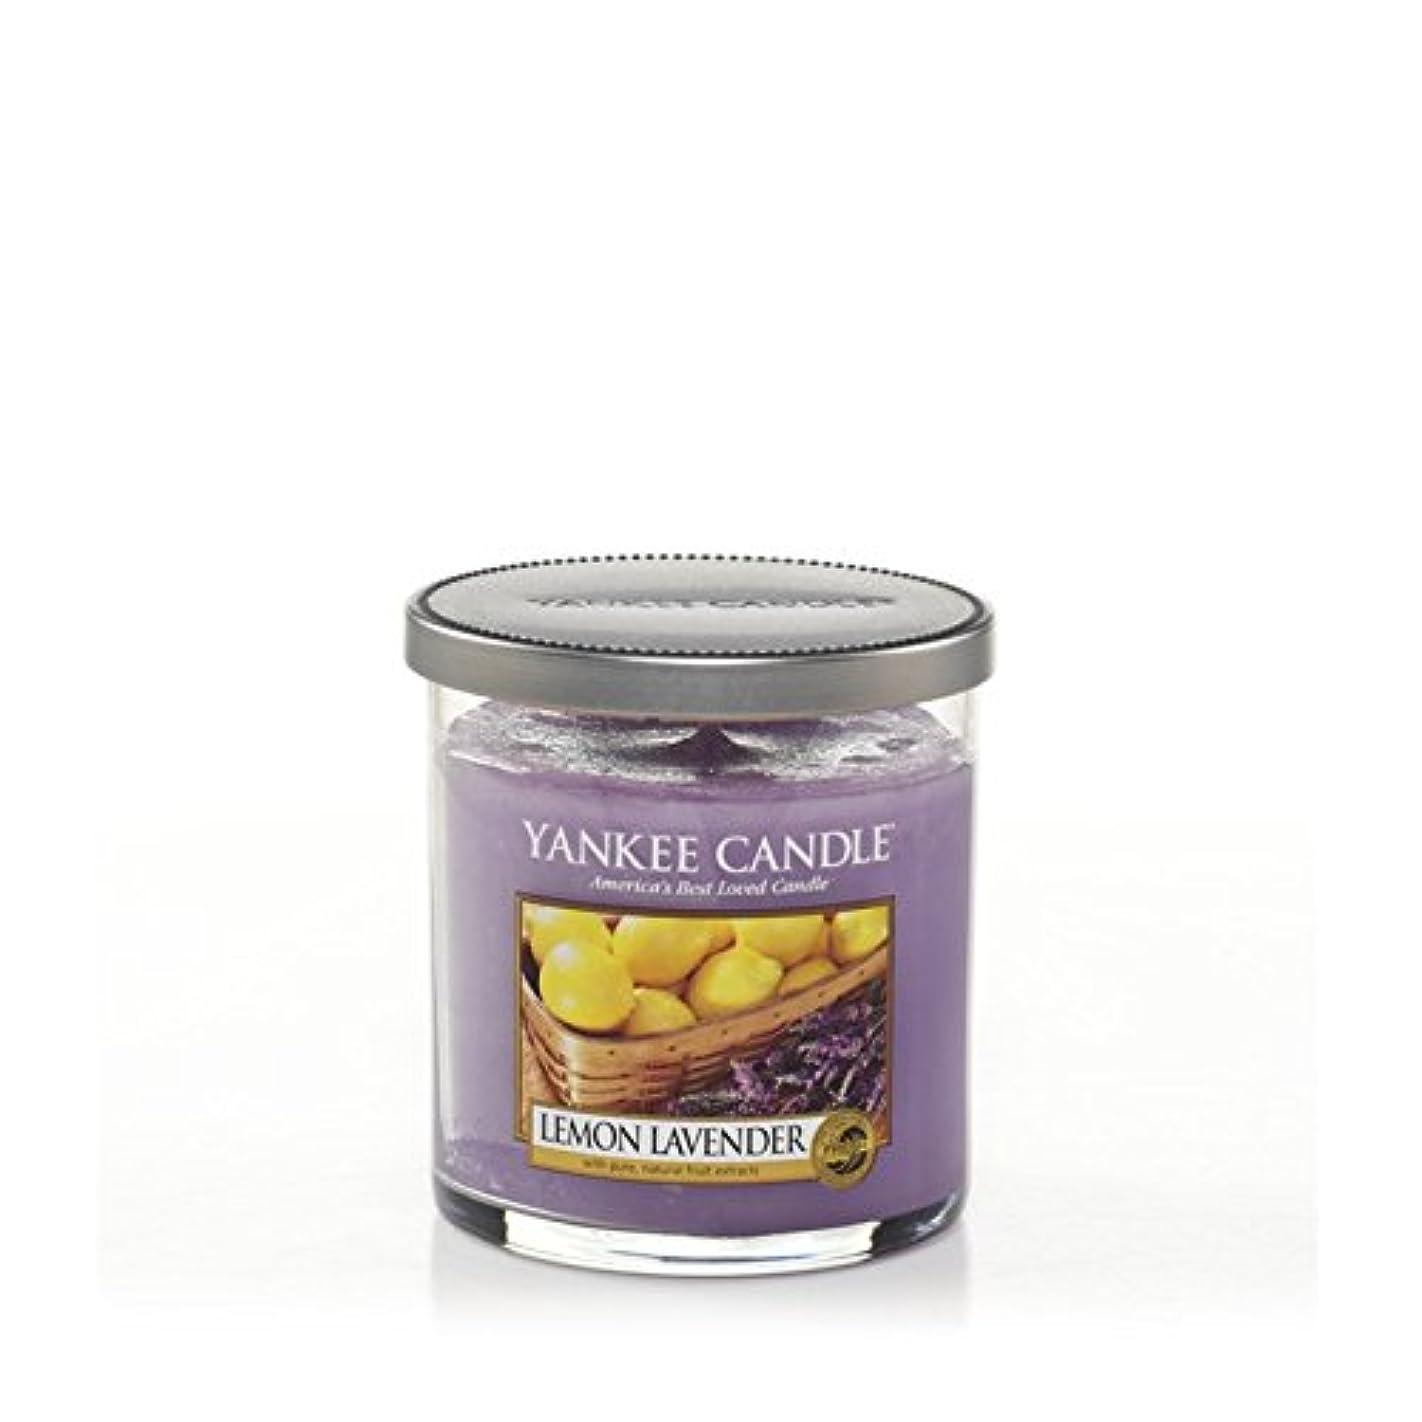 ビーチ慈悲深いパトワヤンキーキャンドルの小さな柱キャンドル - レモンラベンダー - Yankee Candles Small Pillar Candle - Lemon Lavender (Yankee Candles) [並行輸入品]